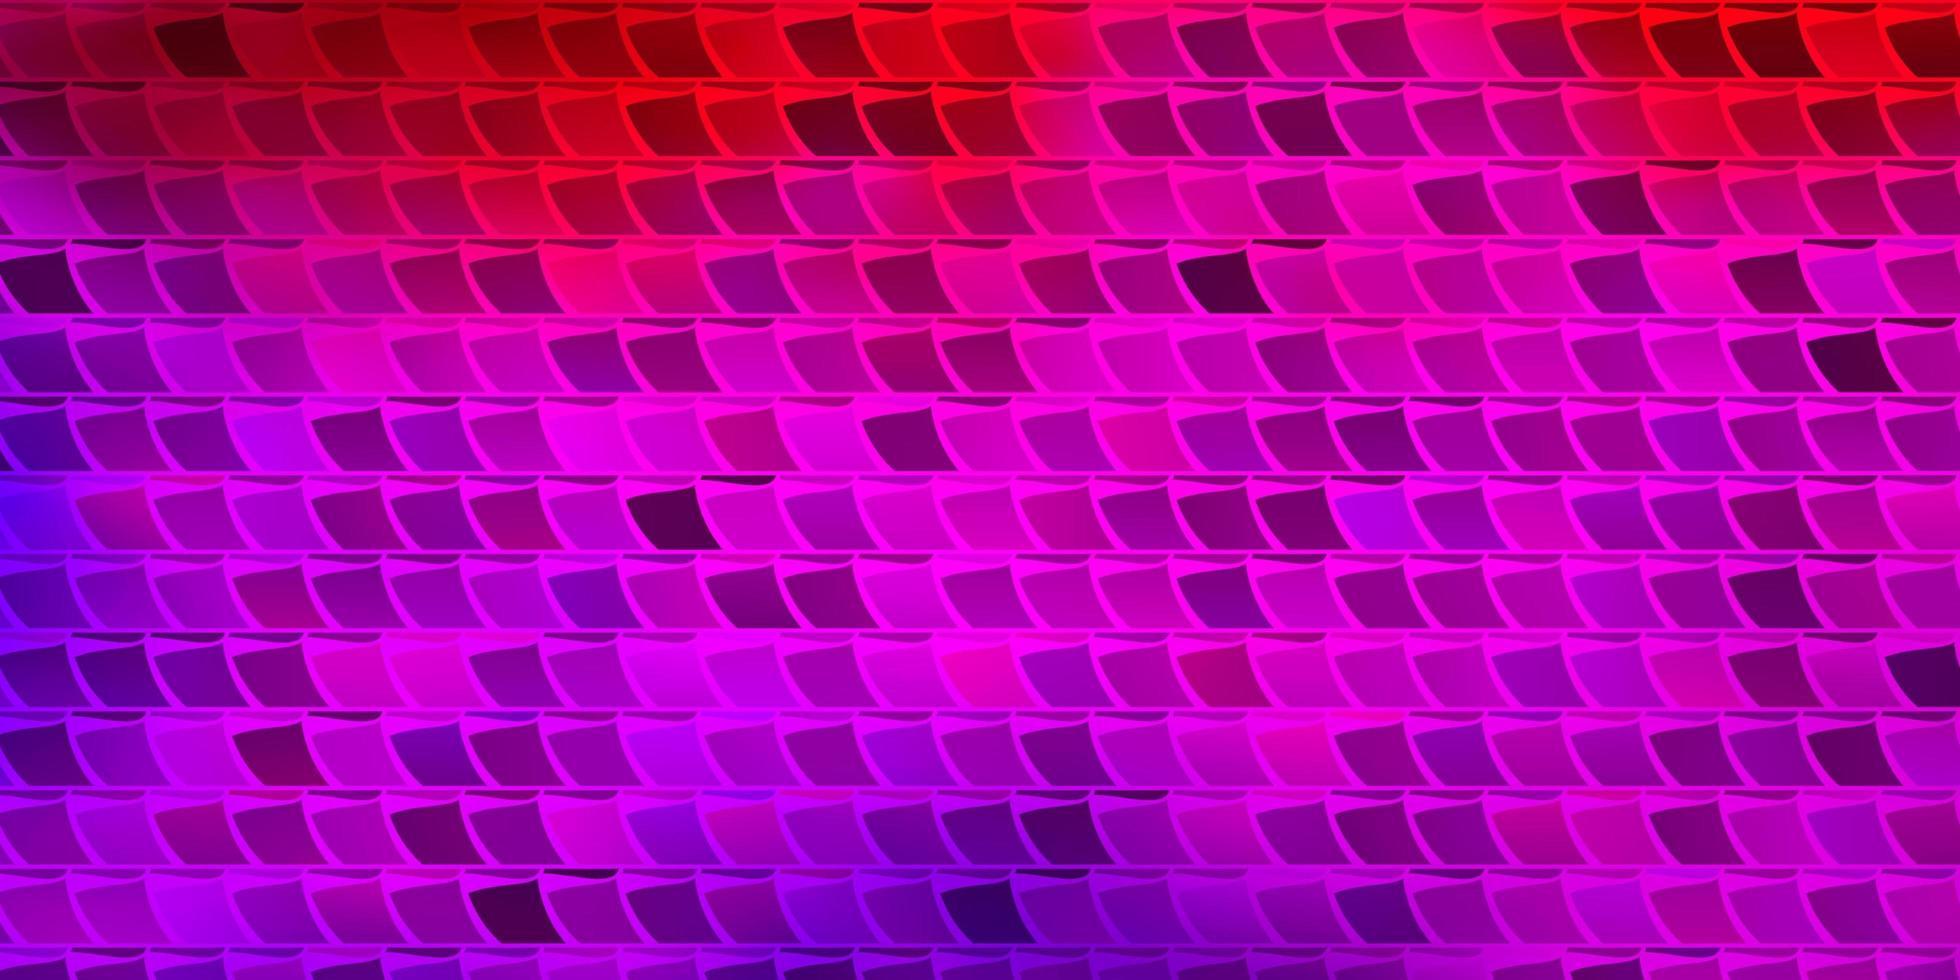 fond de vecteur rose clair, rouge avec des rectangles.